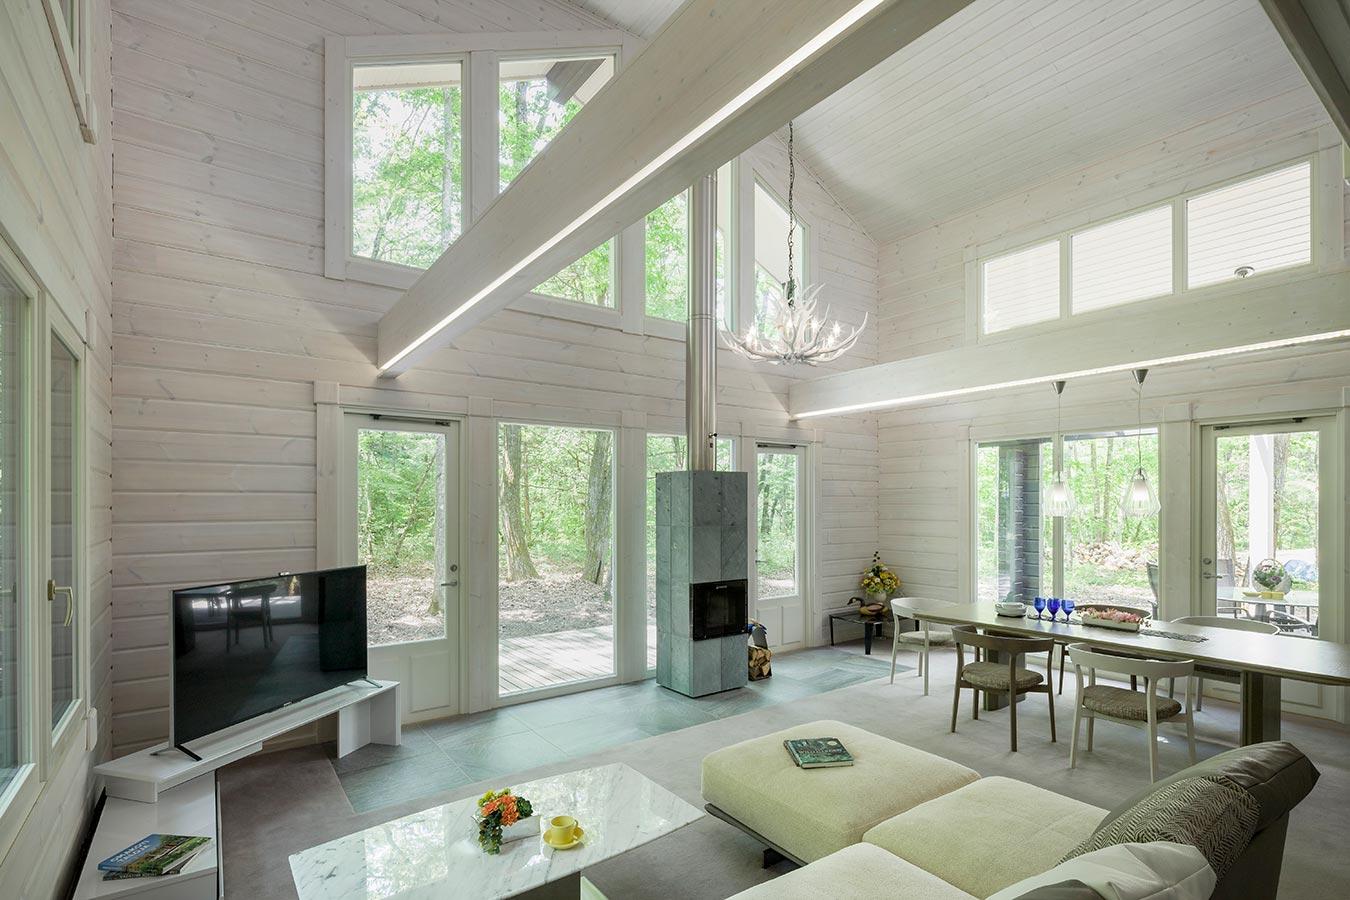 天井際にも窓を配置し、多数の角度から採光を得られます